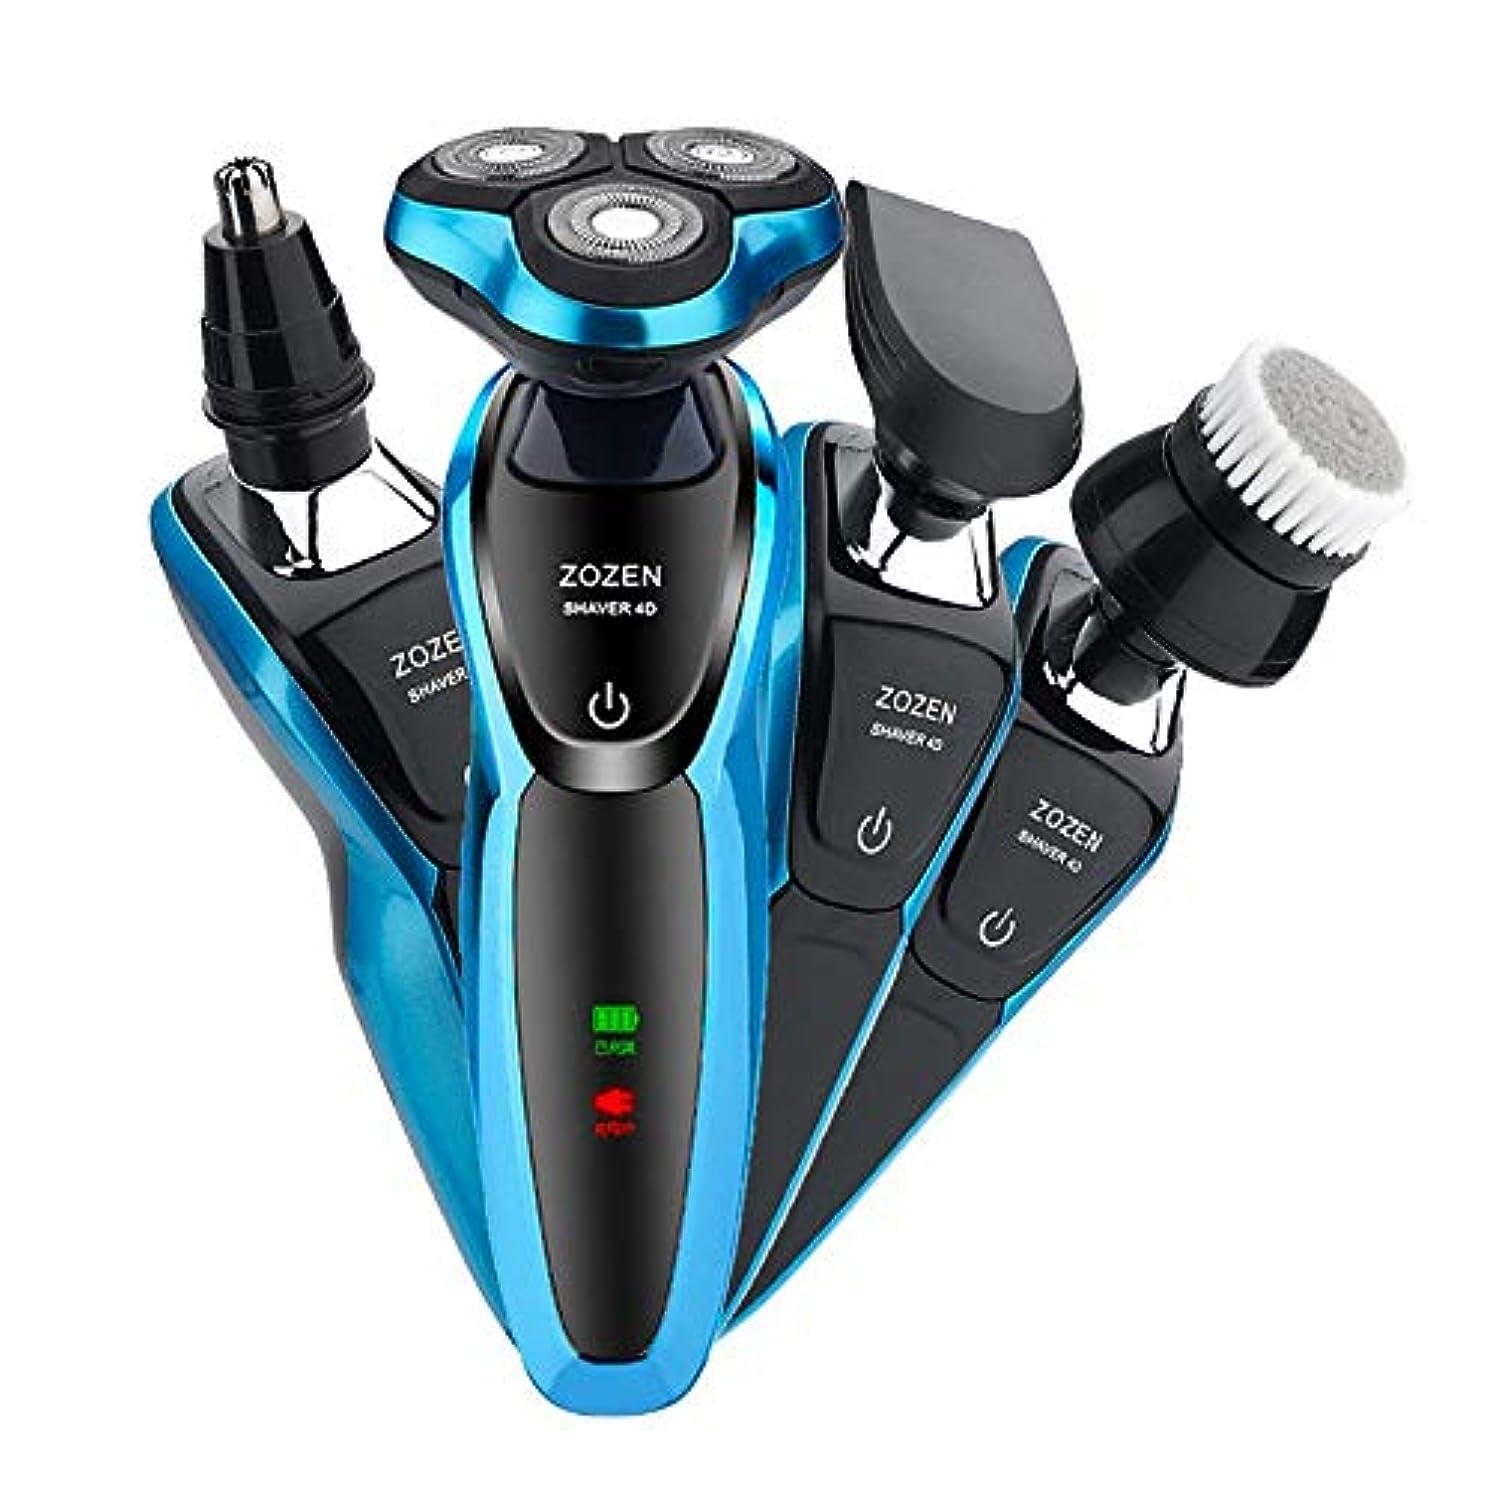 アーティスト休憩例示するビアードトリマーメンズ鼻毛トリマーを充電USBメンズ多機能車 メンズ ムダ毛トリマー 耳毛 鼻毛切り (Color : Blue, Size : USB)